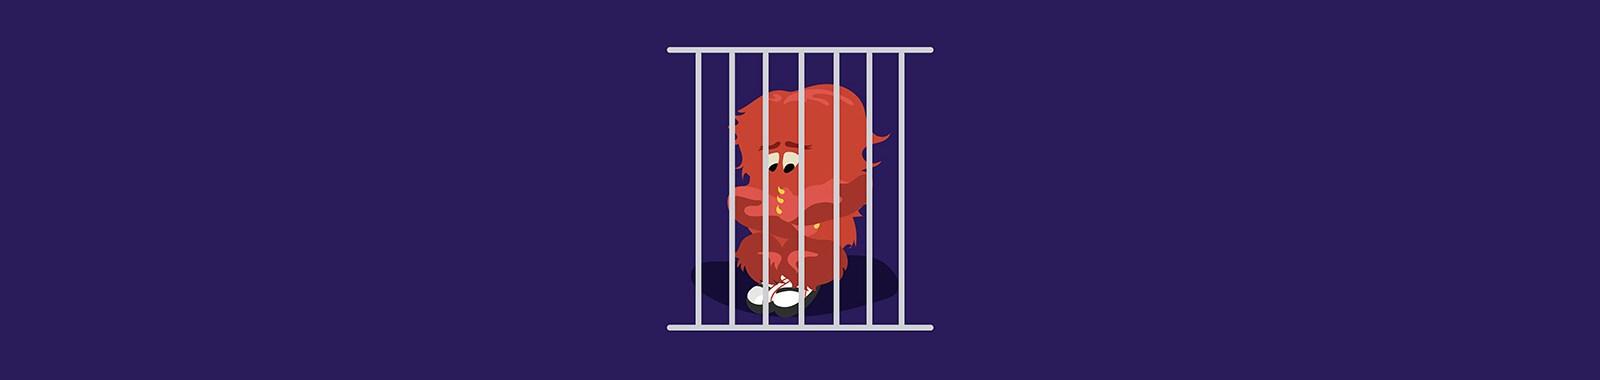 gossimer_jail-eye